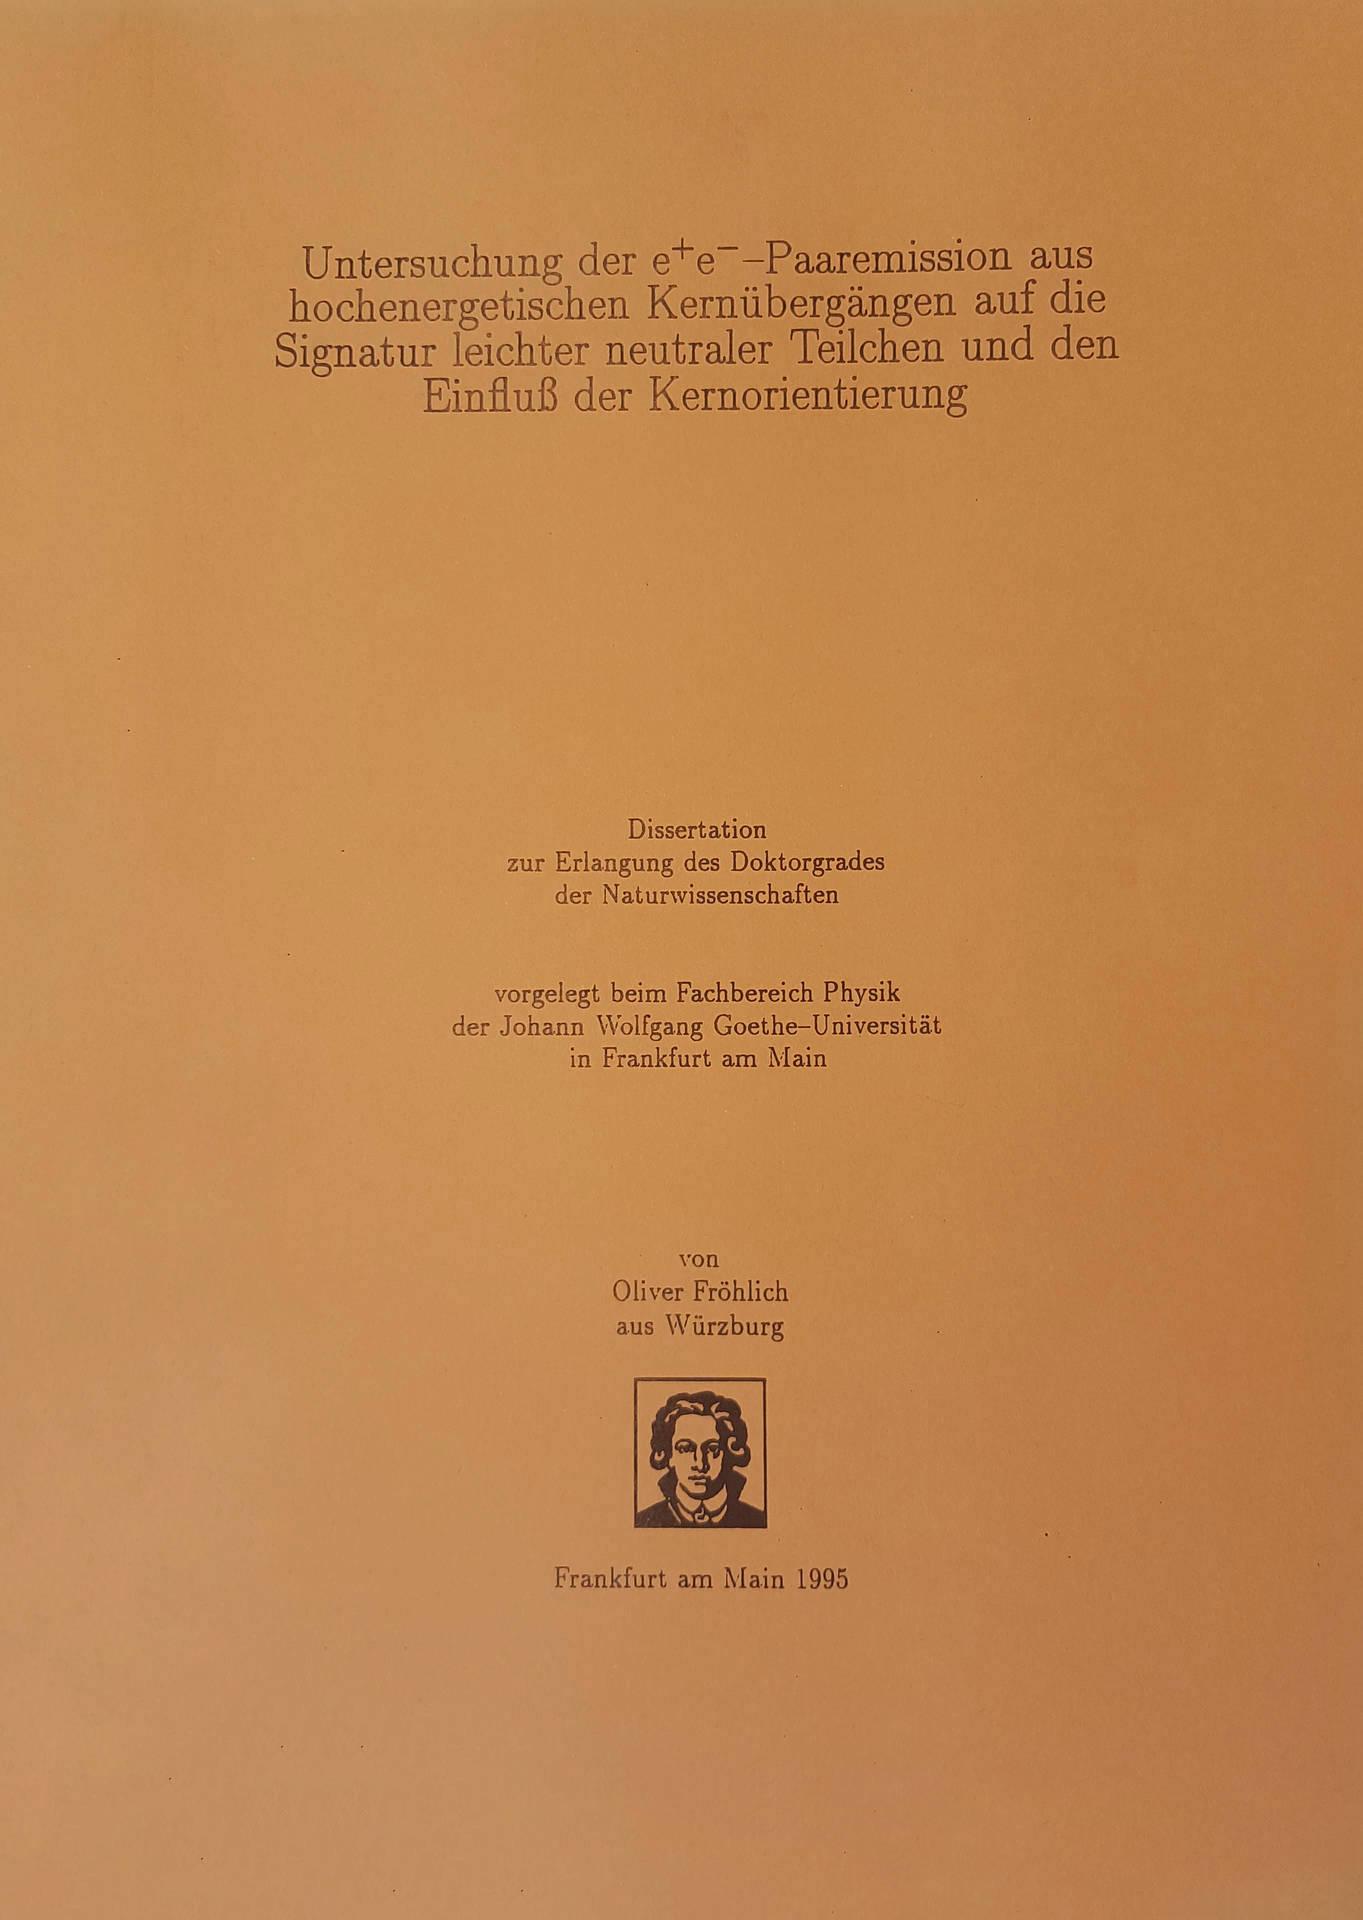 Die Doktorarbeit von Oliver Fröhlich aus dem Jahr 1995 ist bis heute Pflichtlektüre für X17-Jäger.